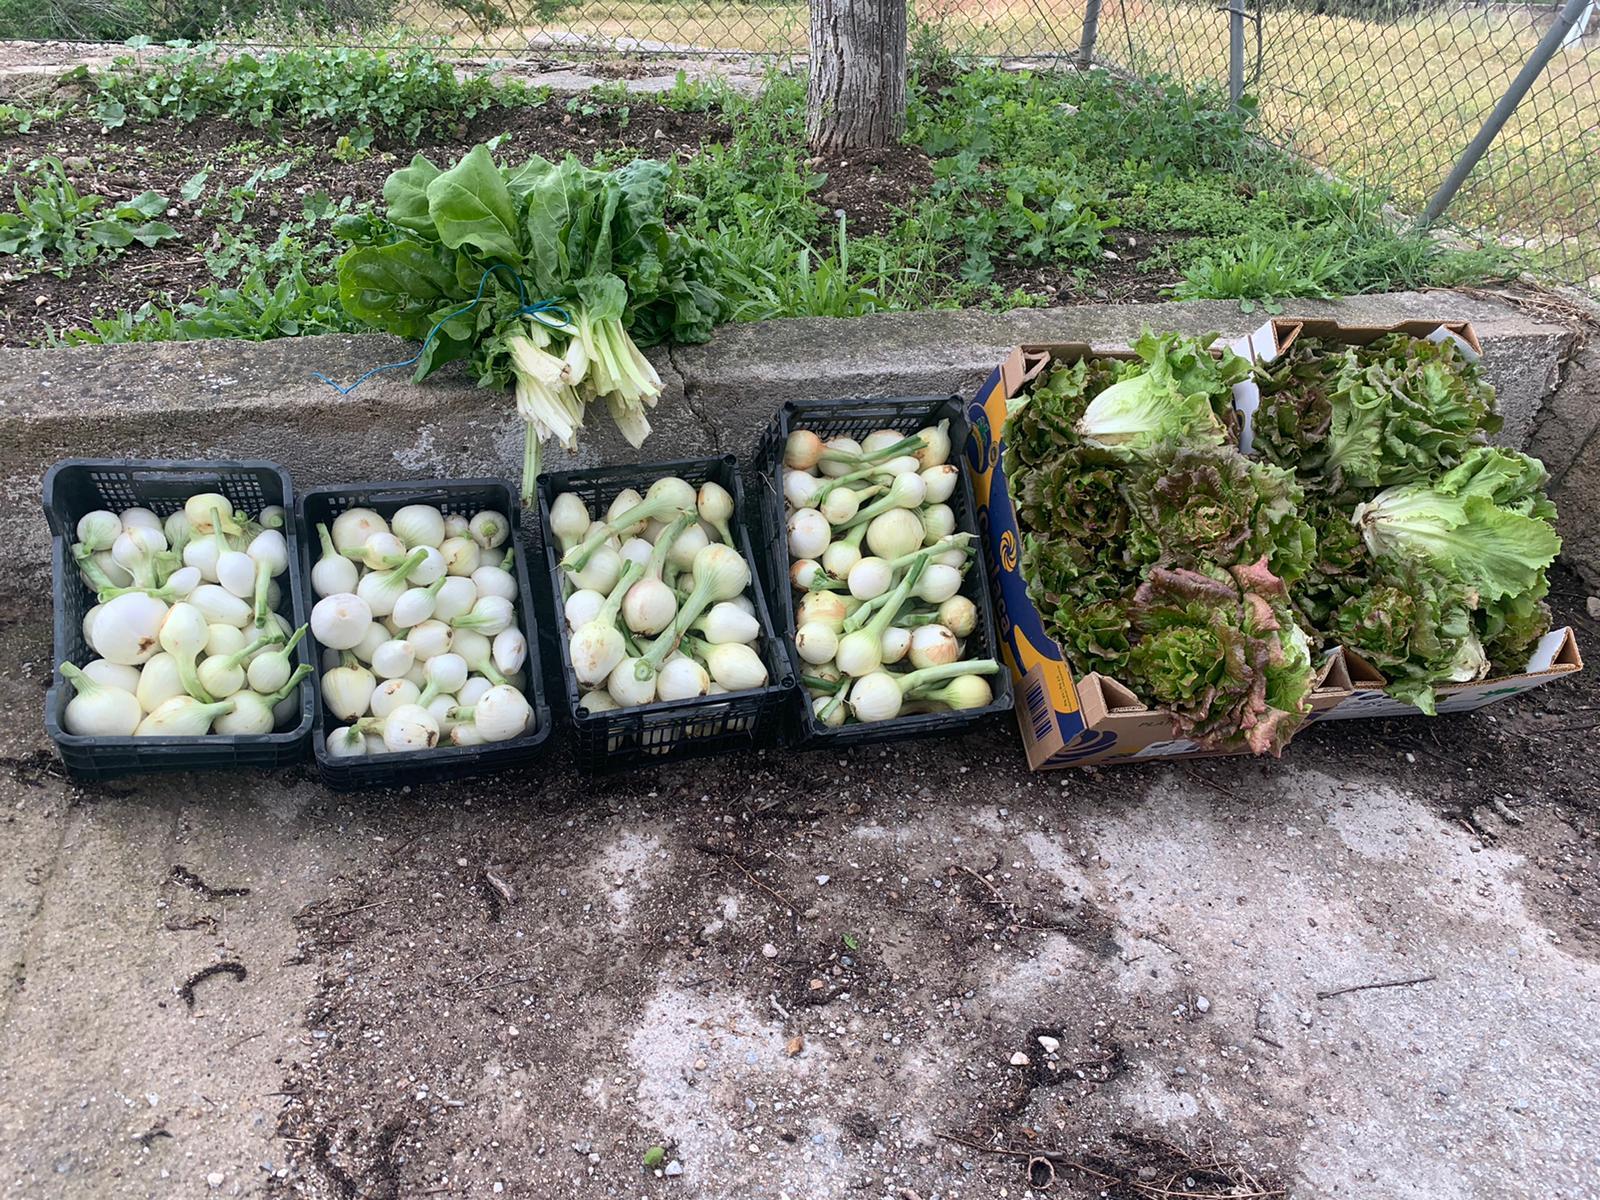 Un colegio de La Zubia dona las hortalizas de su huerto escolar a personas en situación de vulnerabilidad